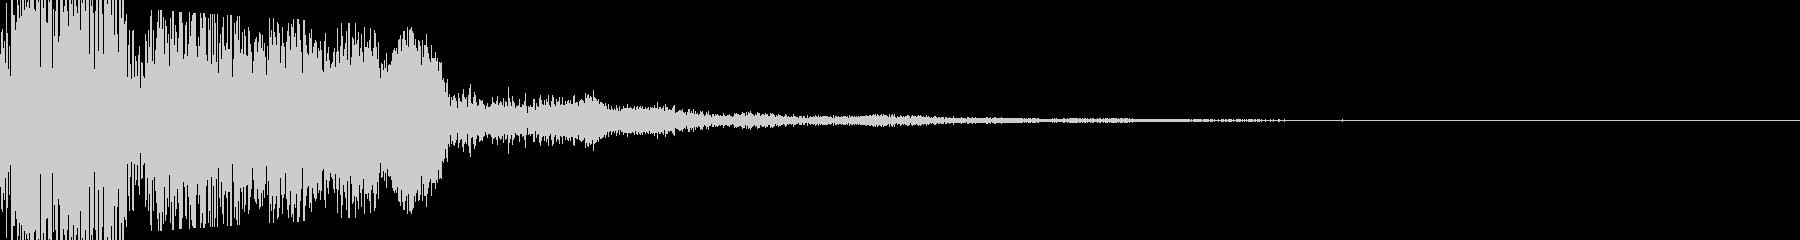 キラキラしたボタン音の未再生の波形